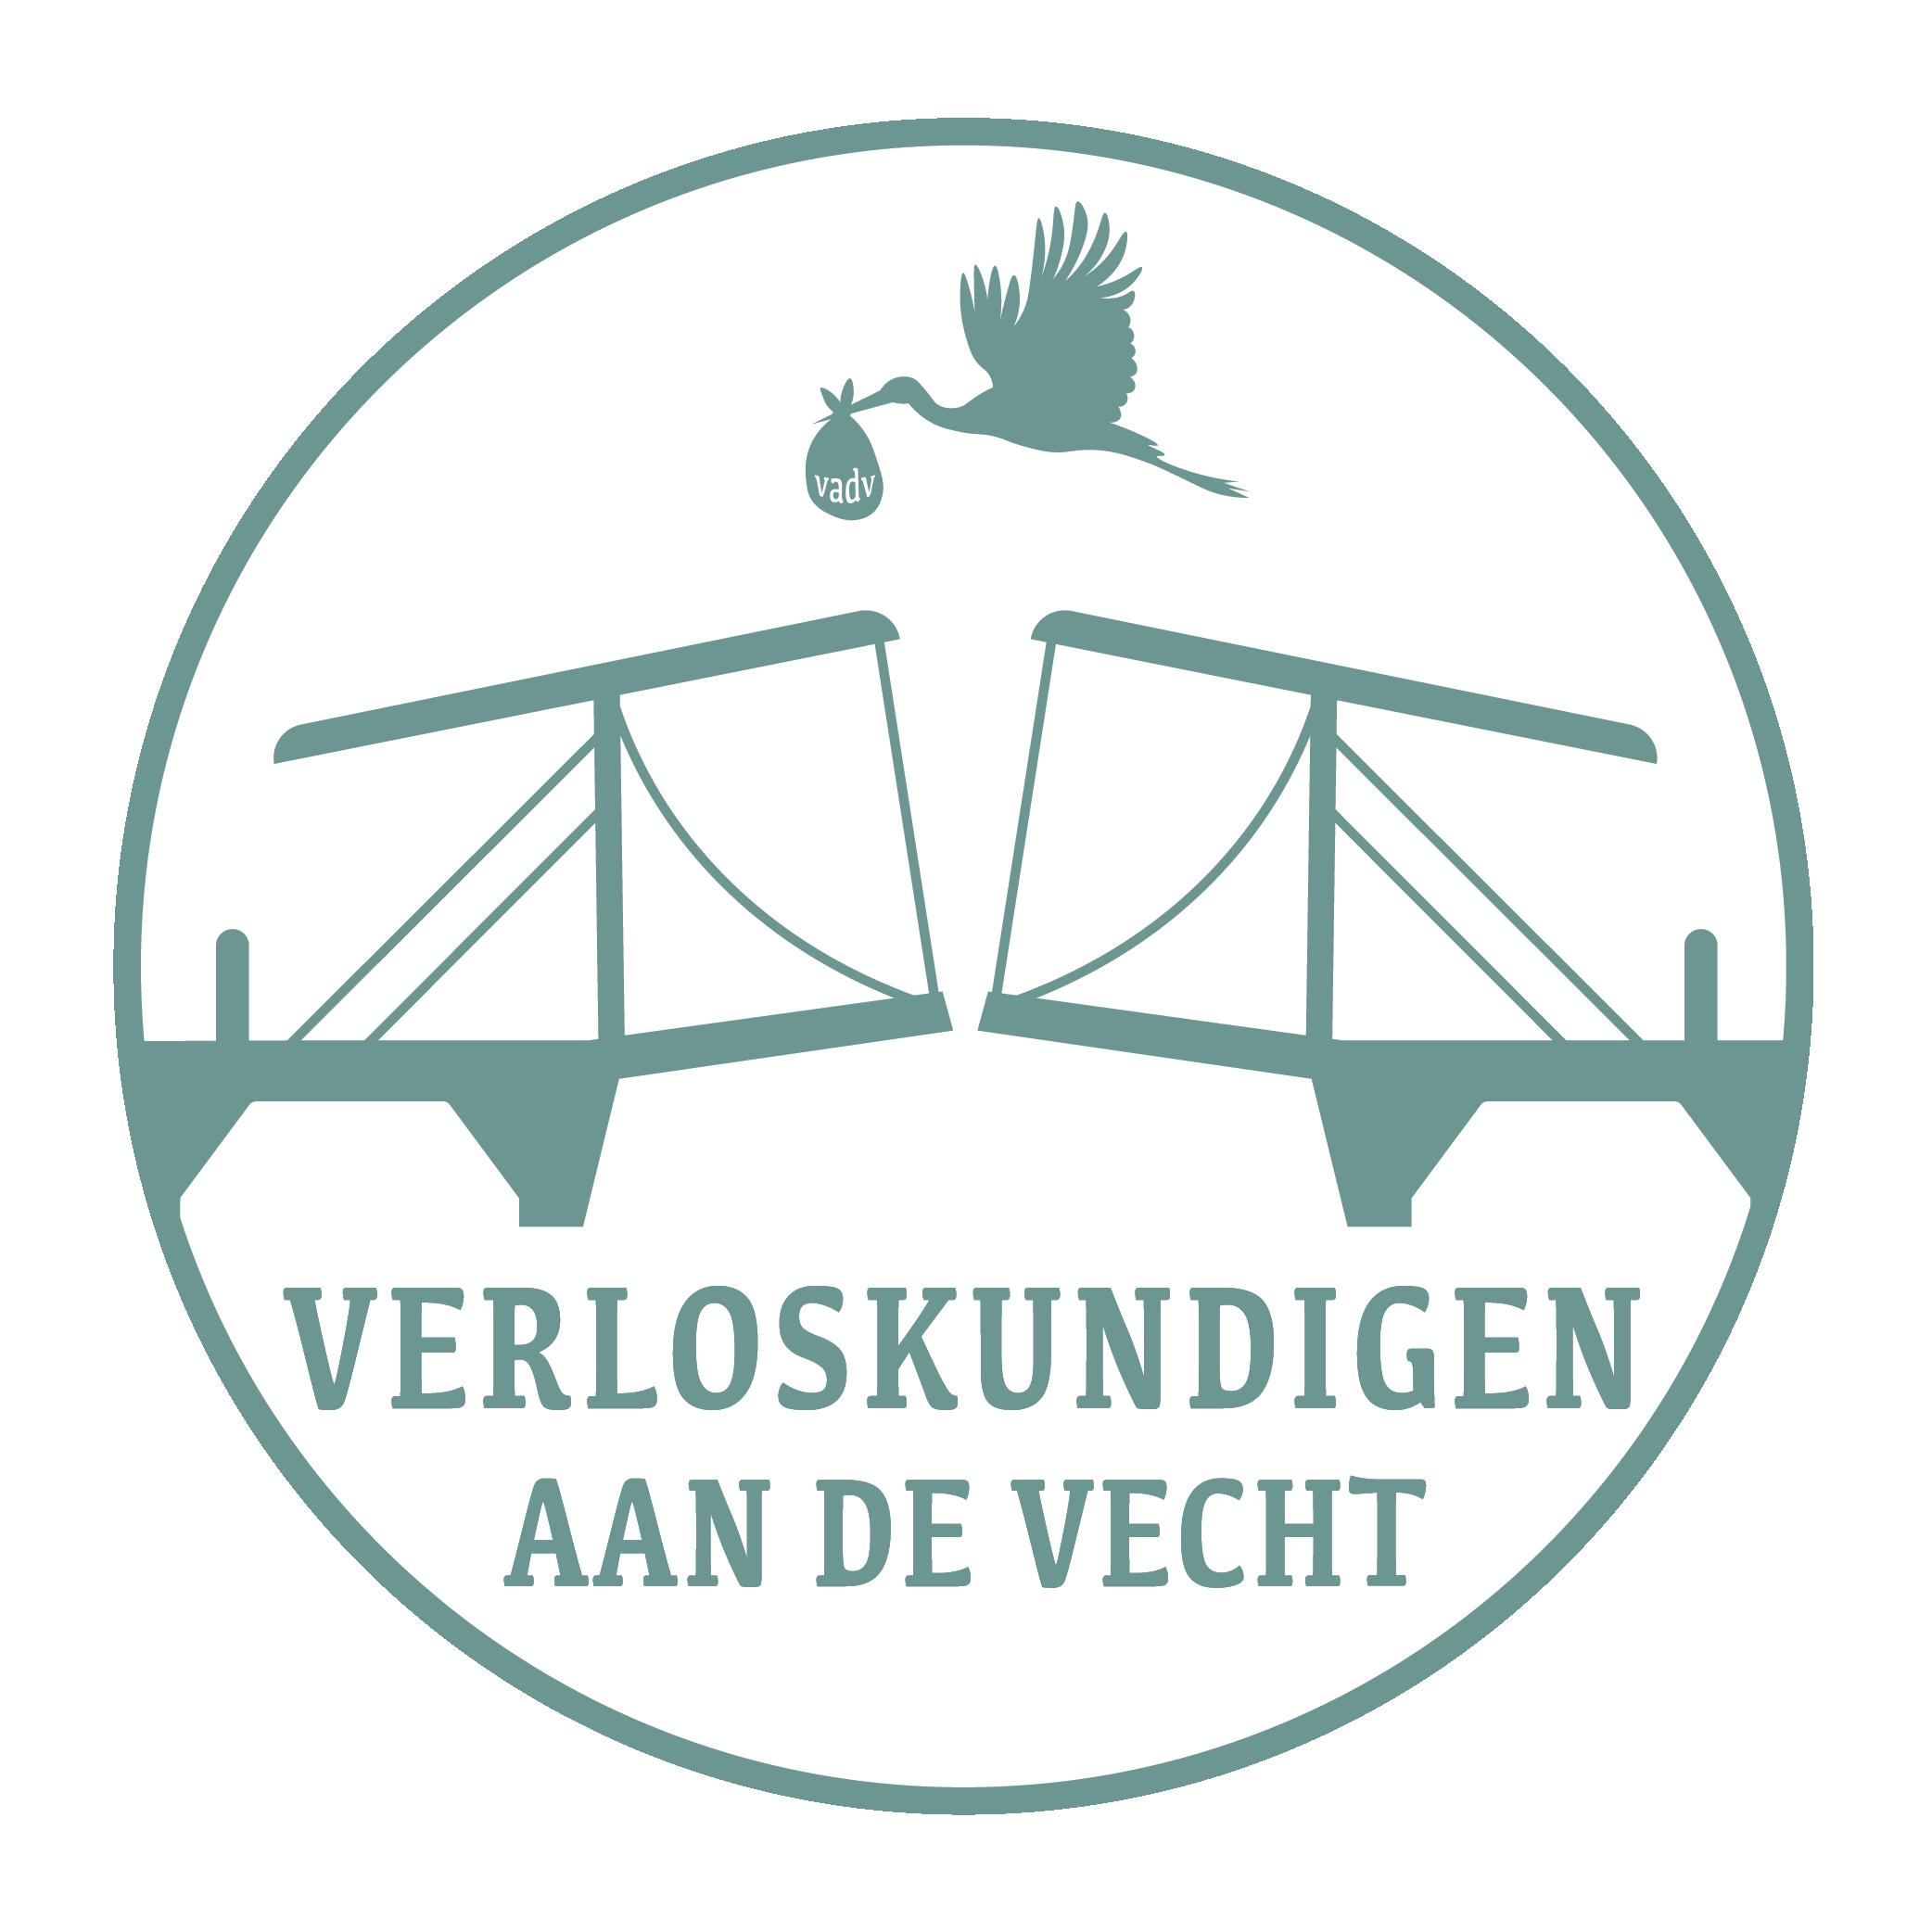 Verloskundigen aan de Vecht - logo